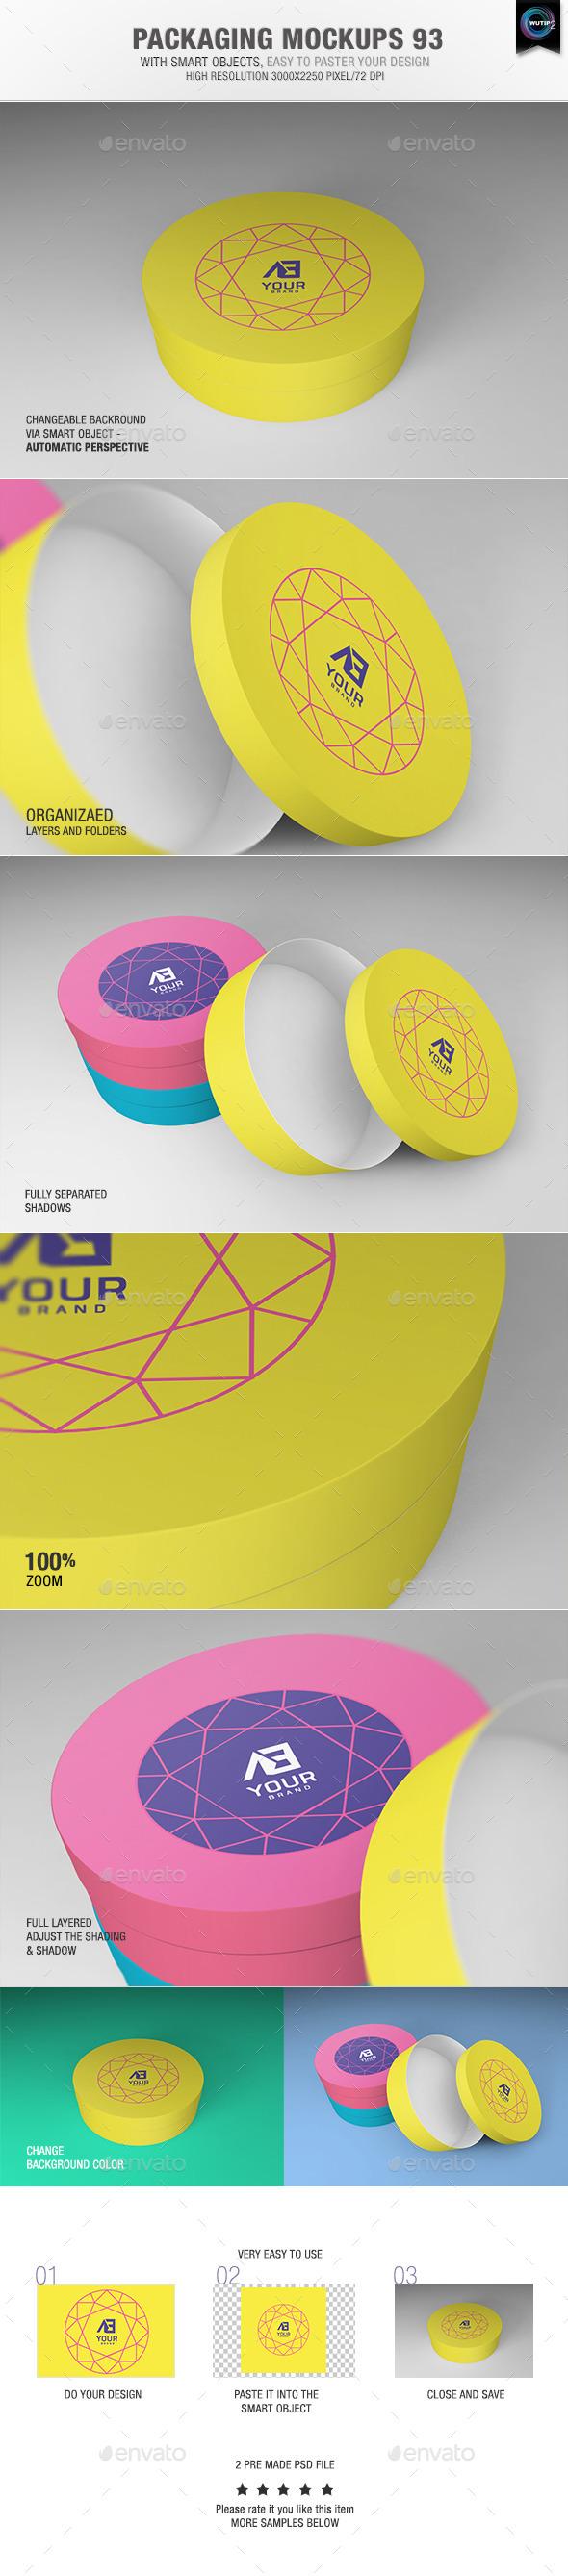 Packaging Mock-ups 93 - Packaging Product Mock-Ups